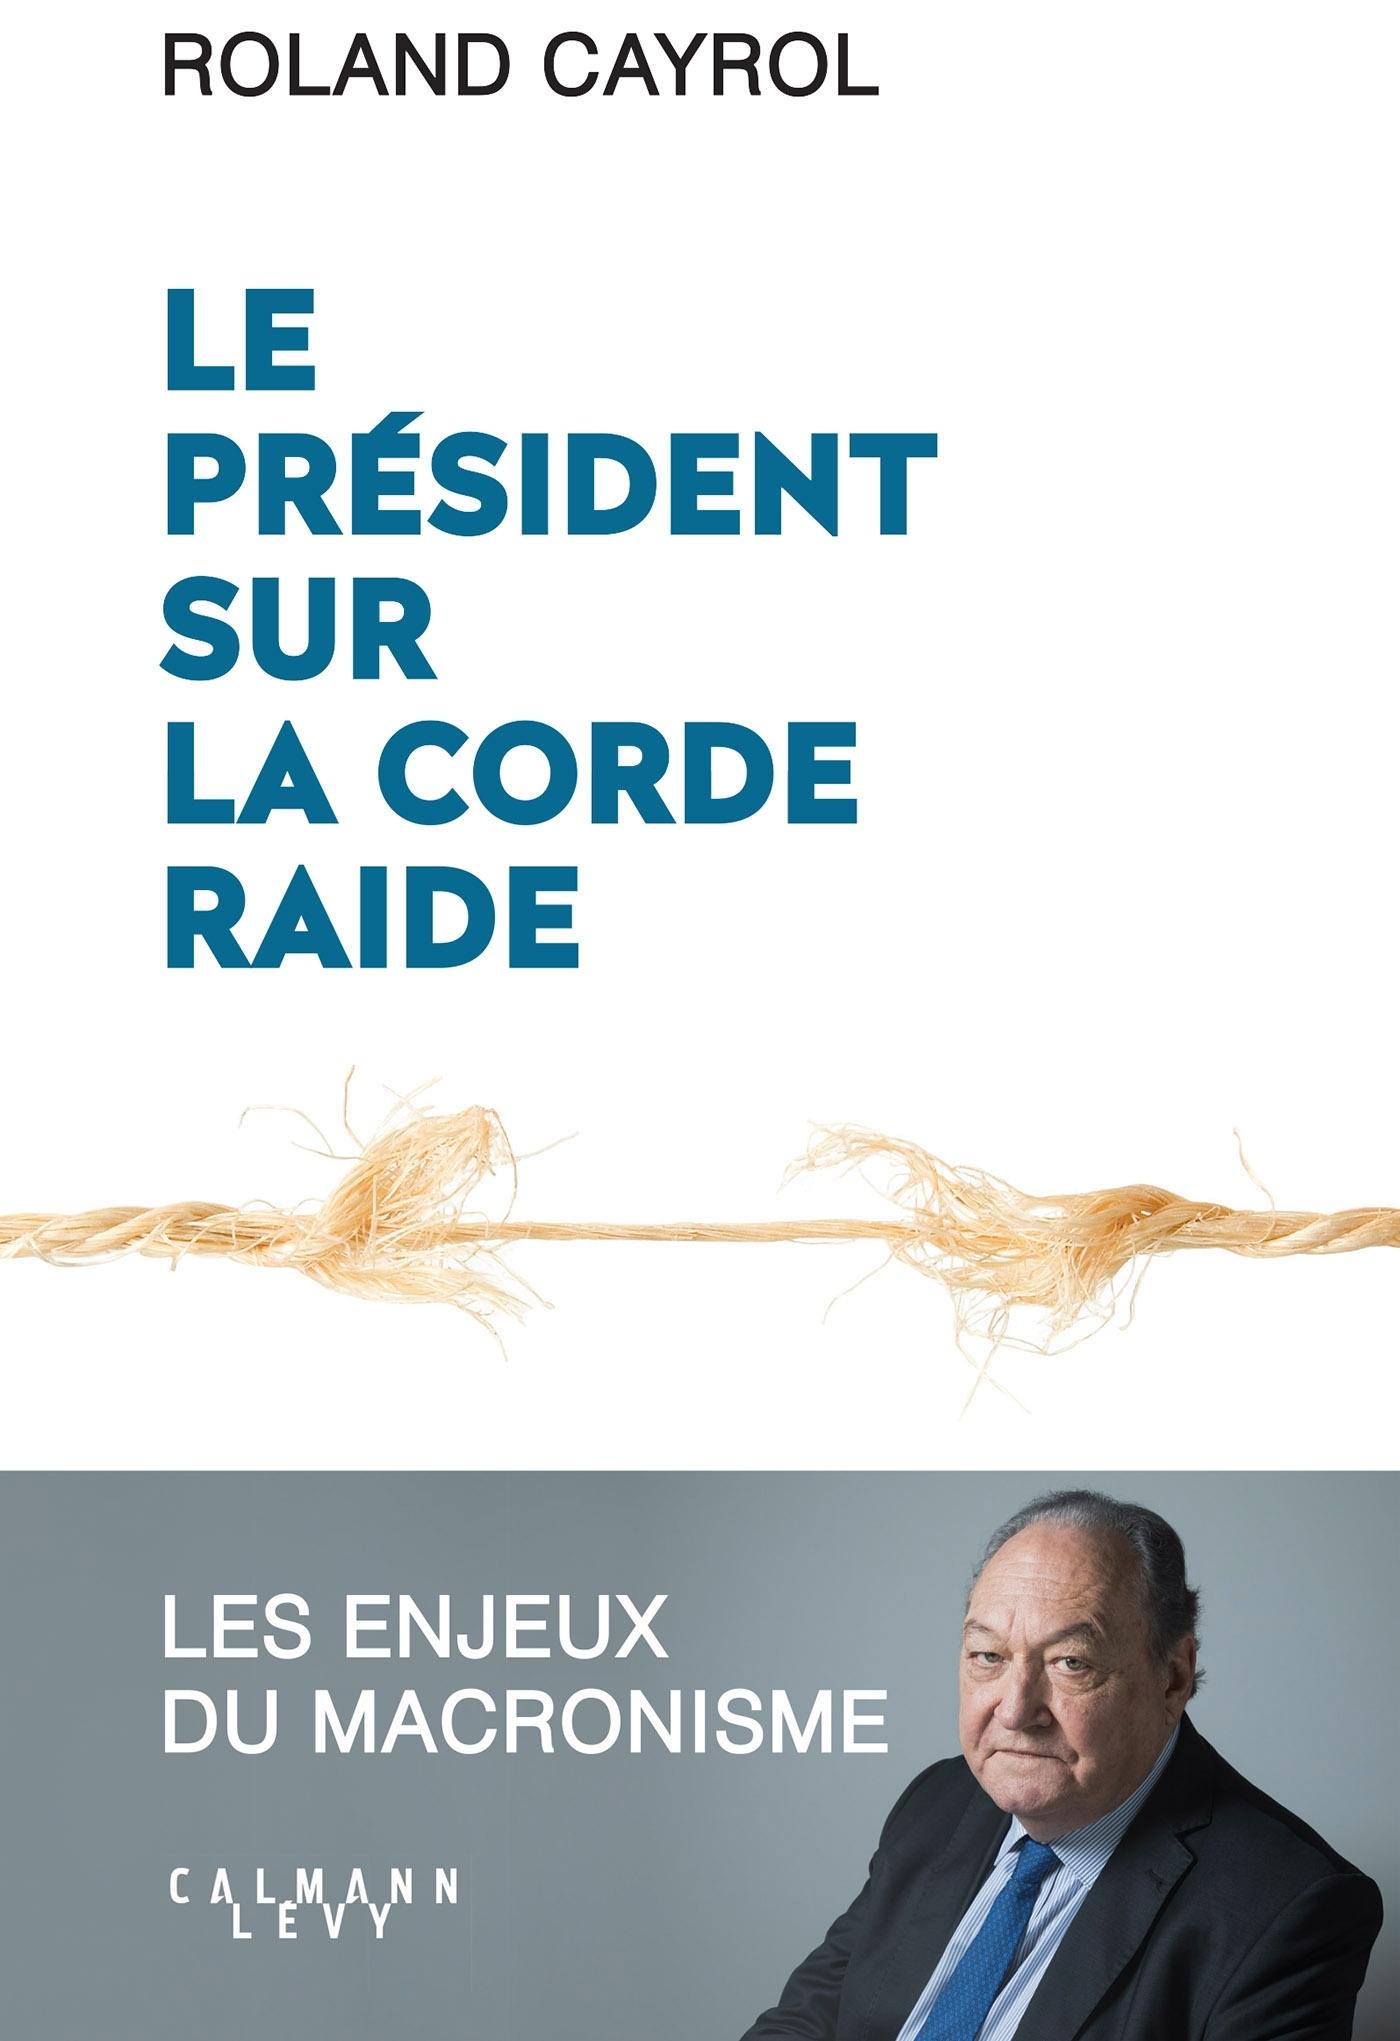 LE PRESIDENT SUR LA CORDE RAIDE - LES ENJEUX DU MACRONISME